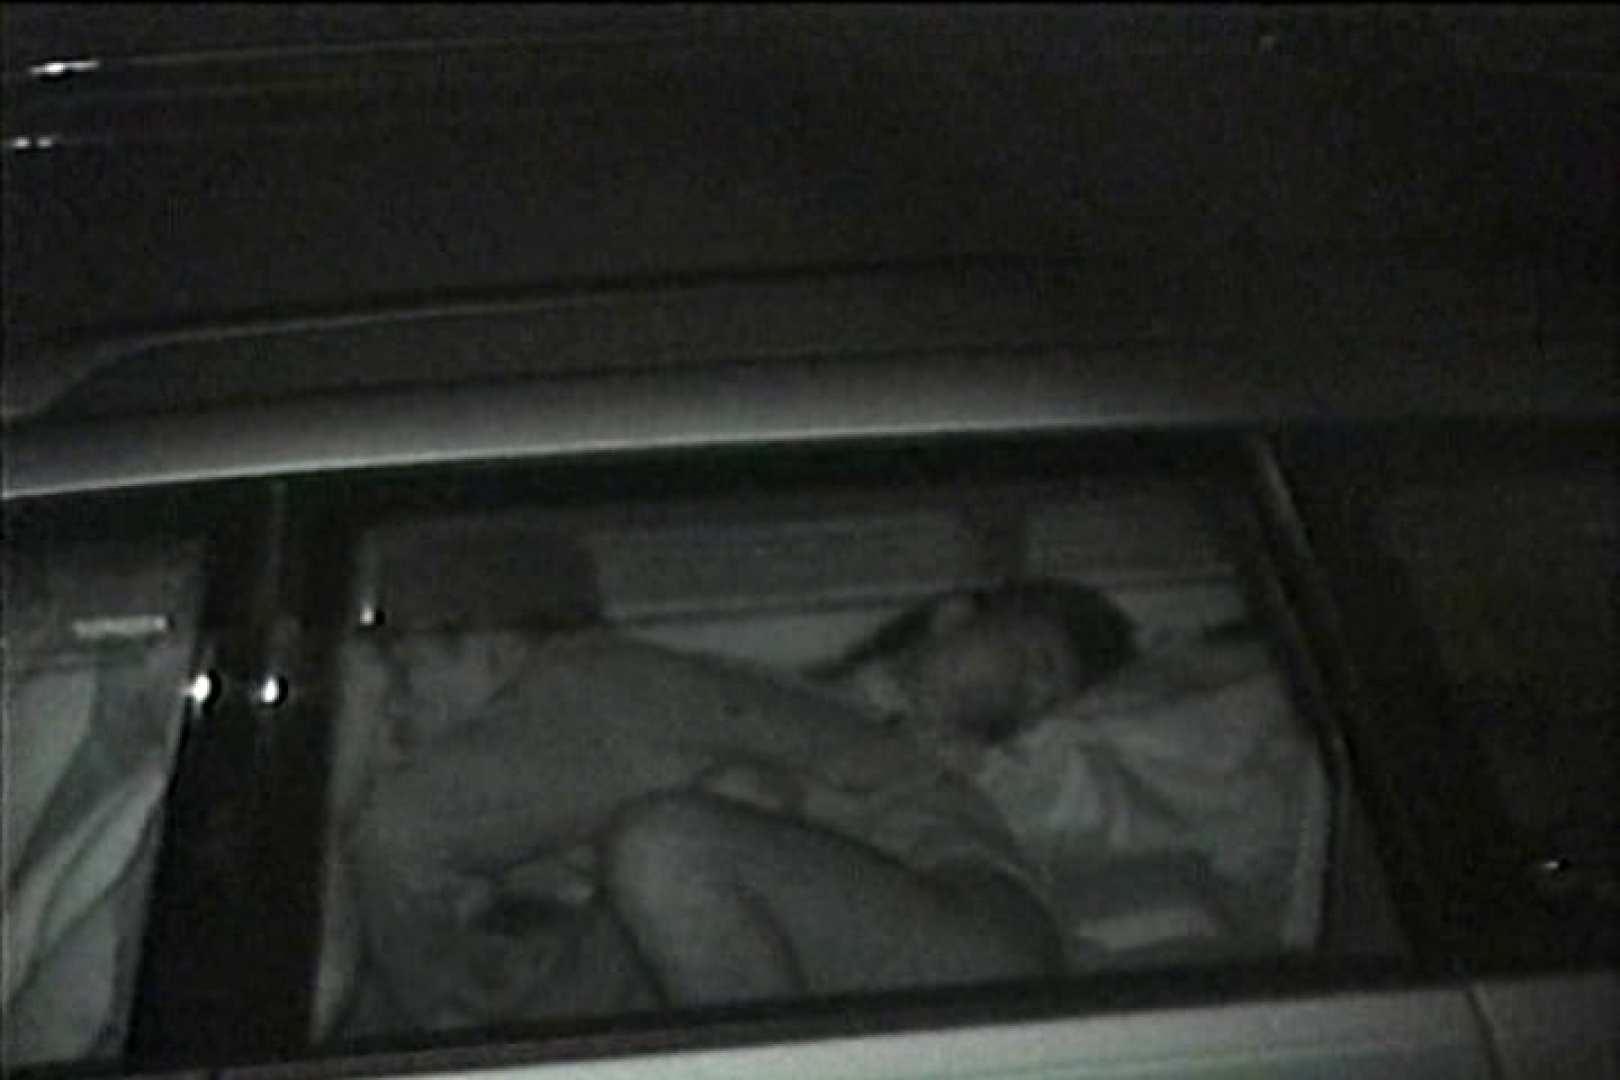 車の中はラブホテル 無修正版  Vol.7 カーセックス アダルト動画キャプチャ 41pic 30